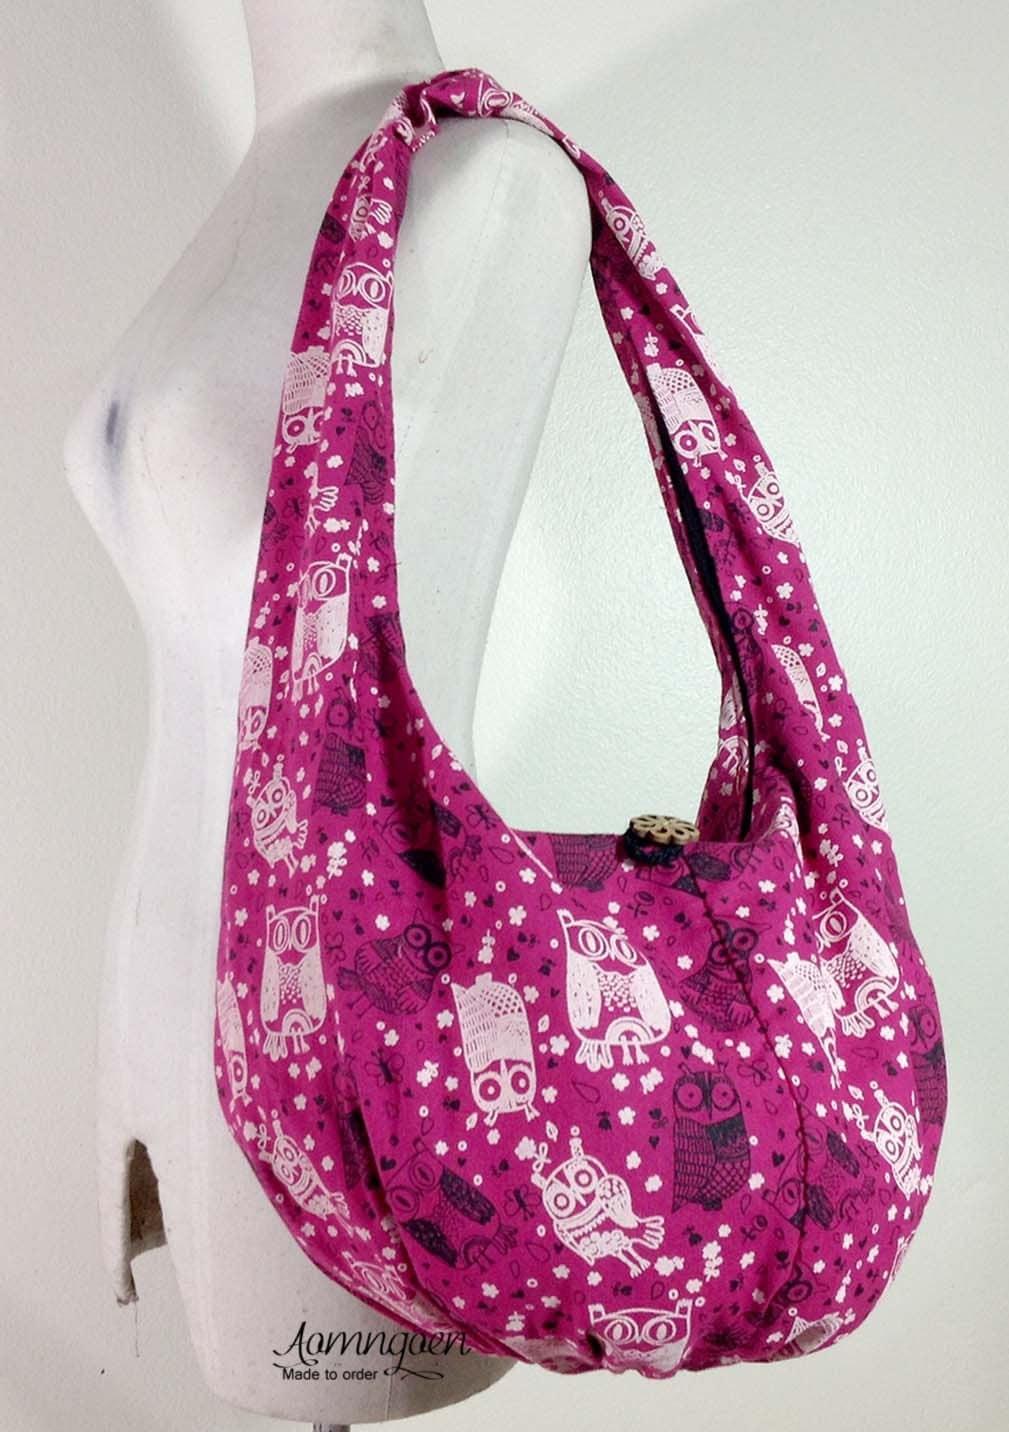 ddfff7209e Deep Pink Owl Hippie bag Any Size Hobo Bag Handmade Woven Bag Handbags Purse  Tote bag